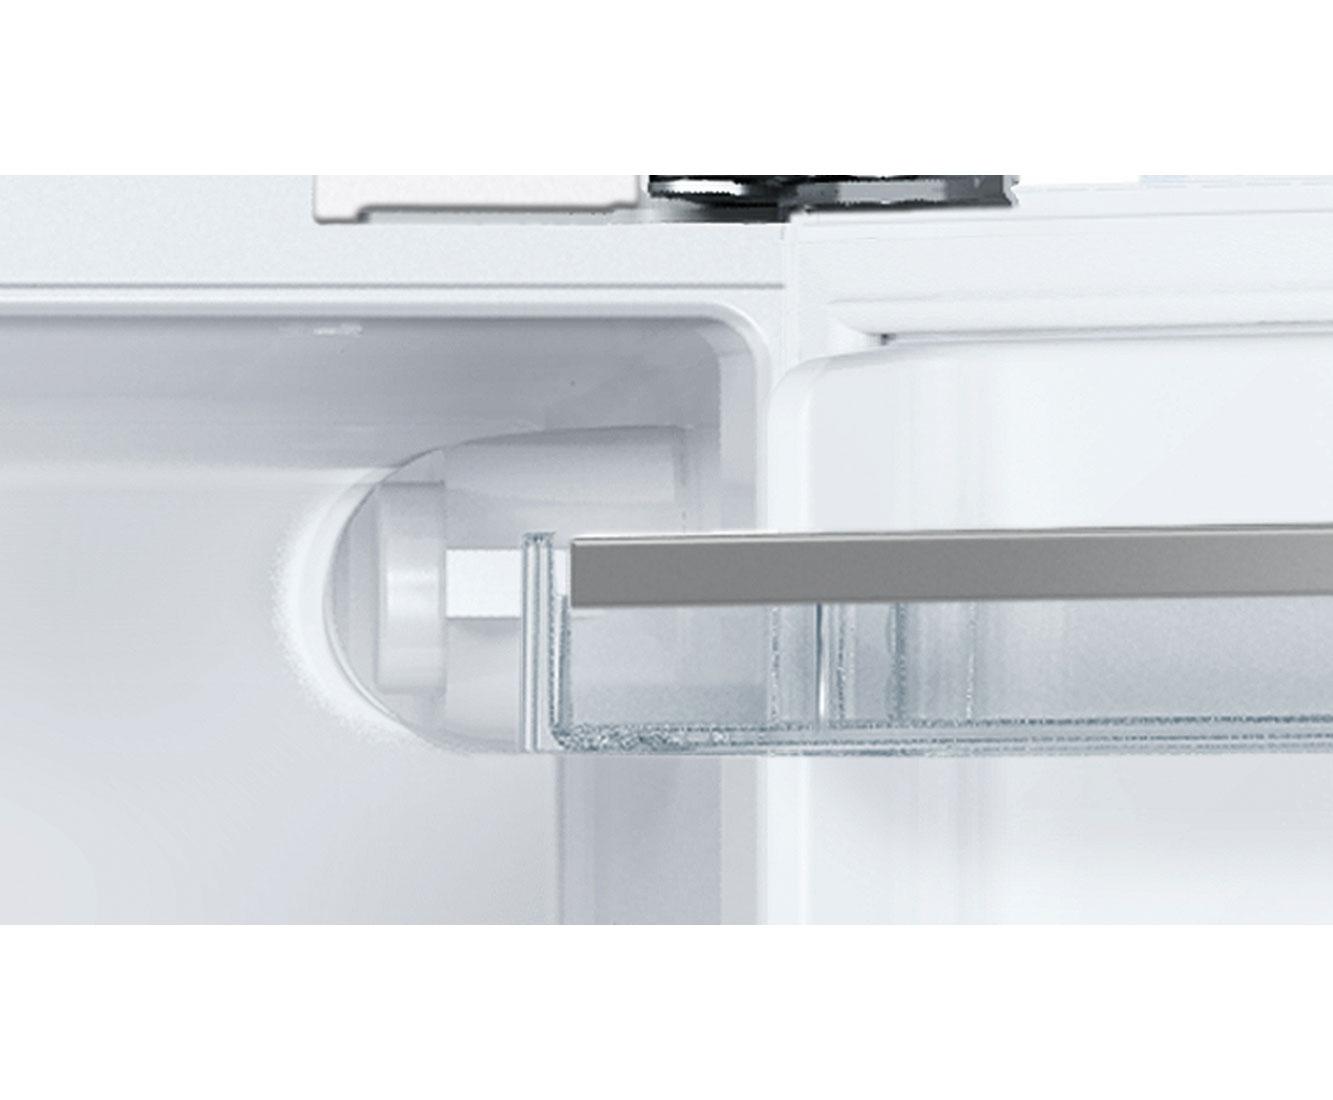 Kühlschrank Neff : Neff ku e k unterbau kühlschrank er nische festtür